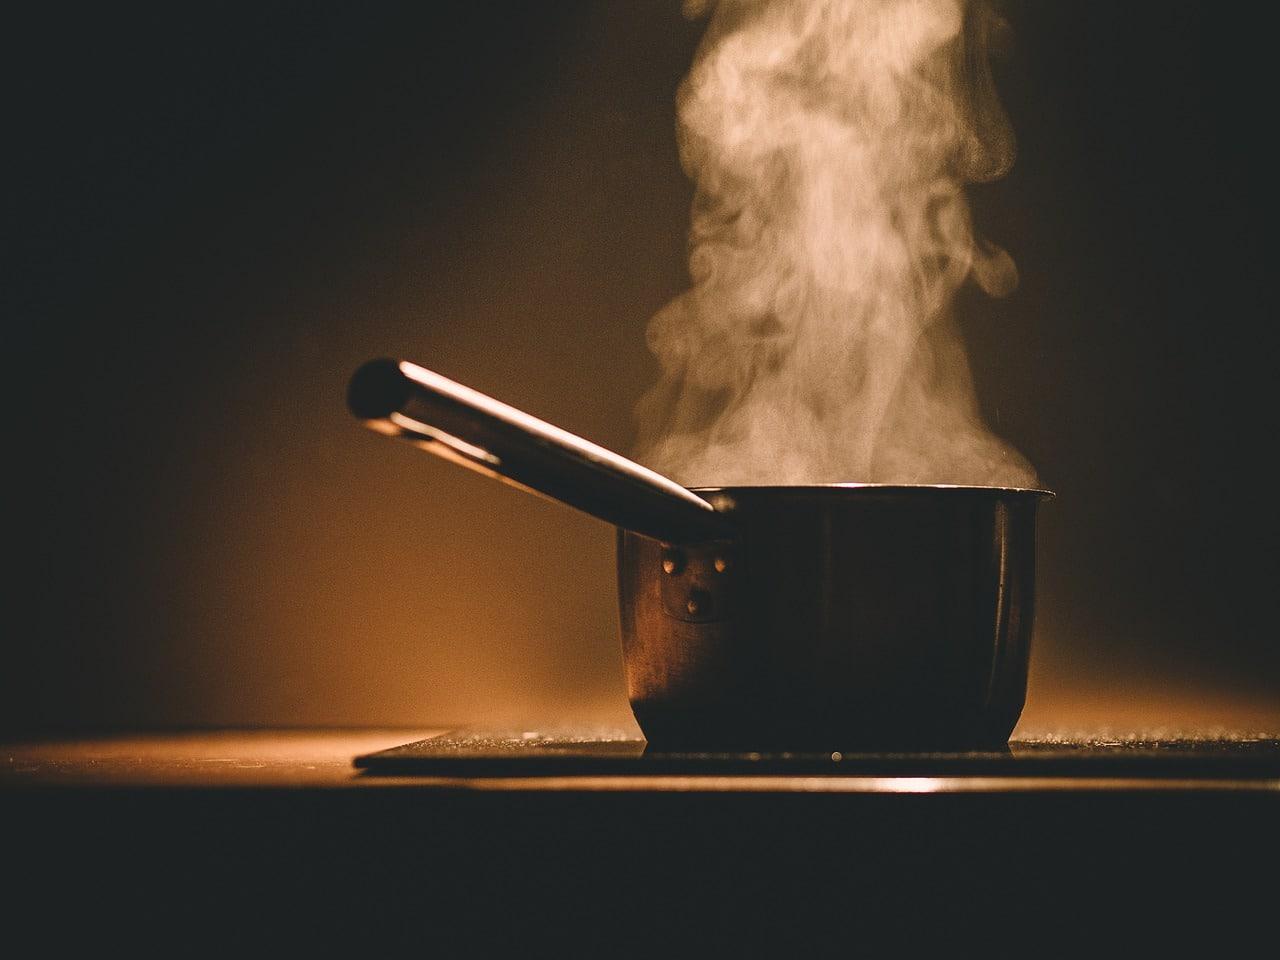 De l'eau bouillie dans une casserole